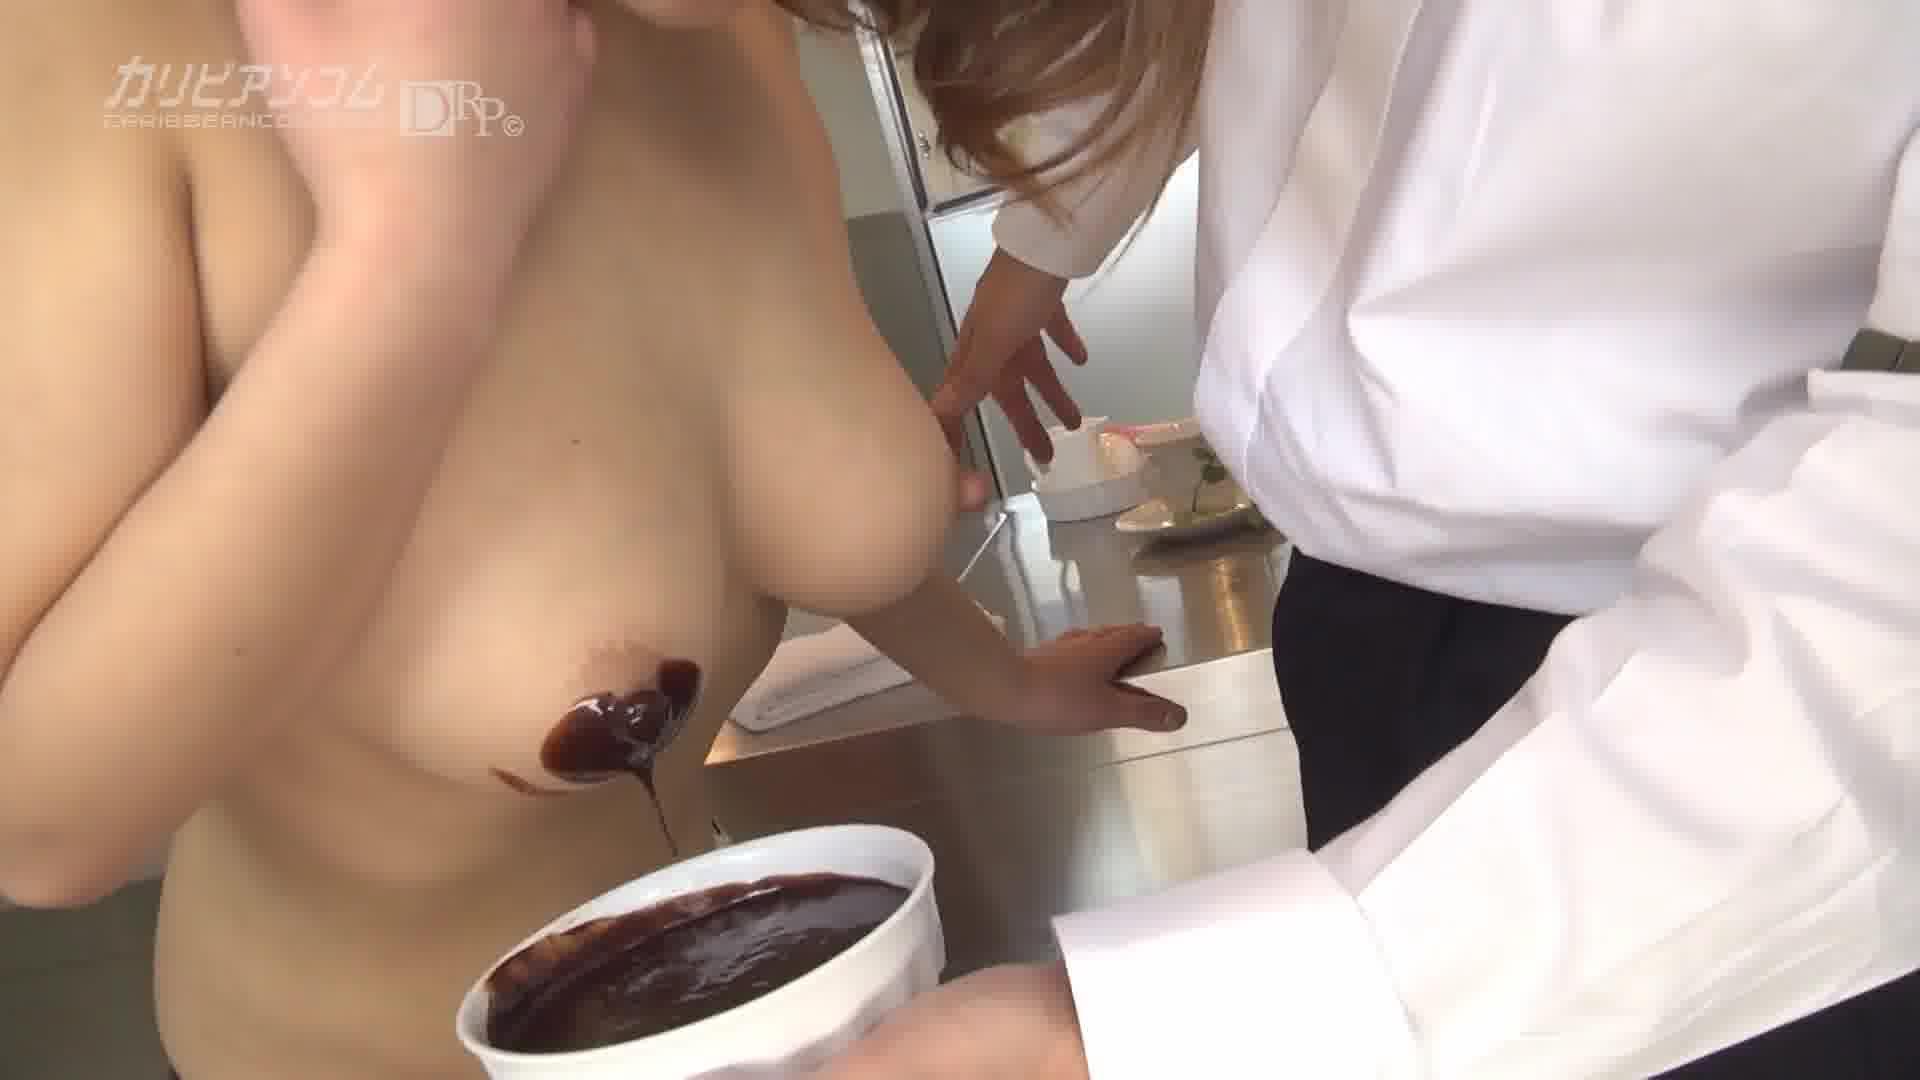 Hカップ爆美乳Hなメイドさん - 藍野夢【痴女・メイド・巨乳】